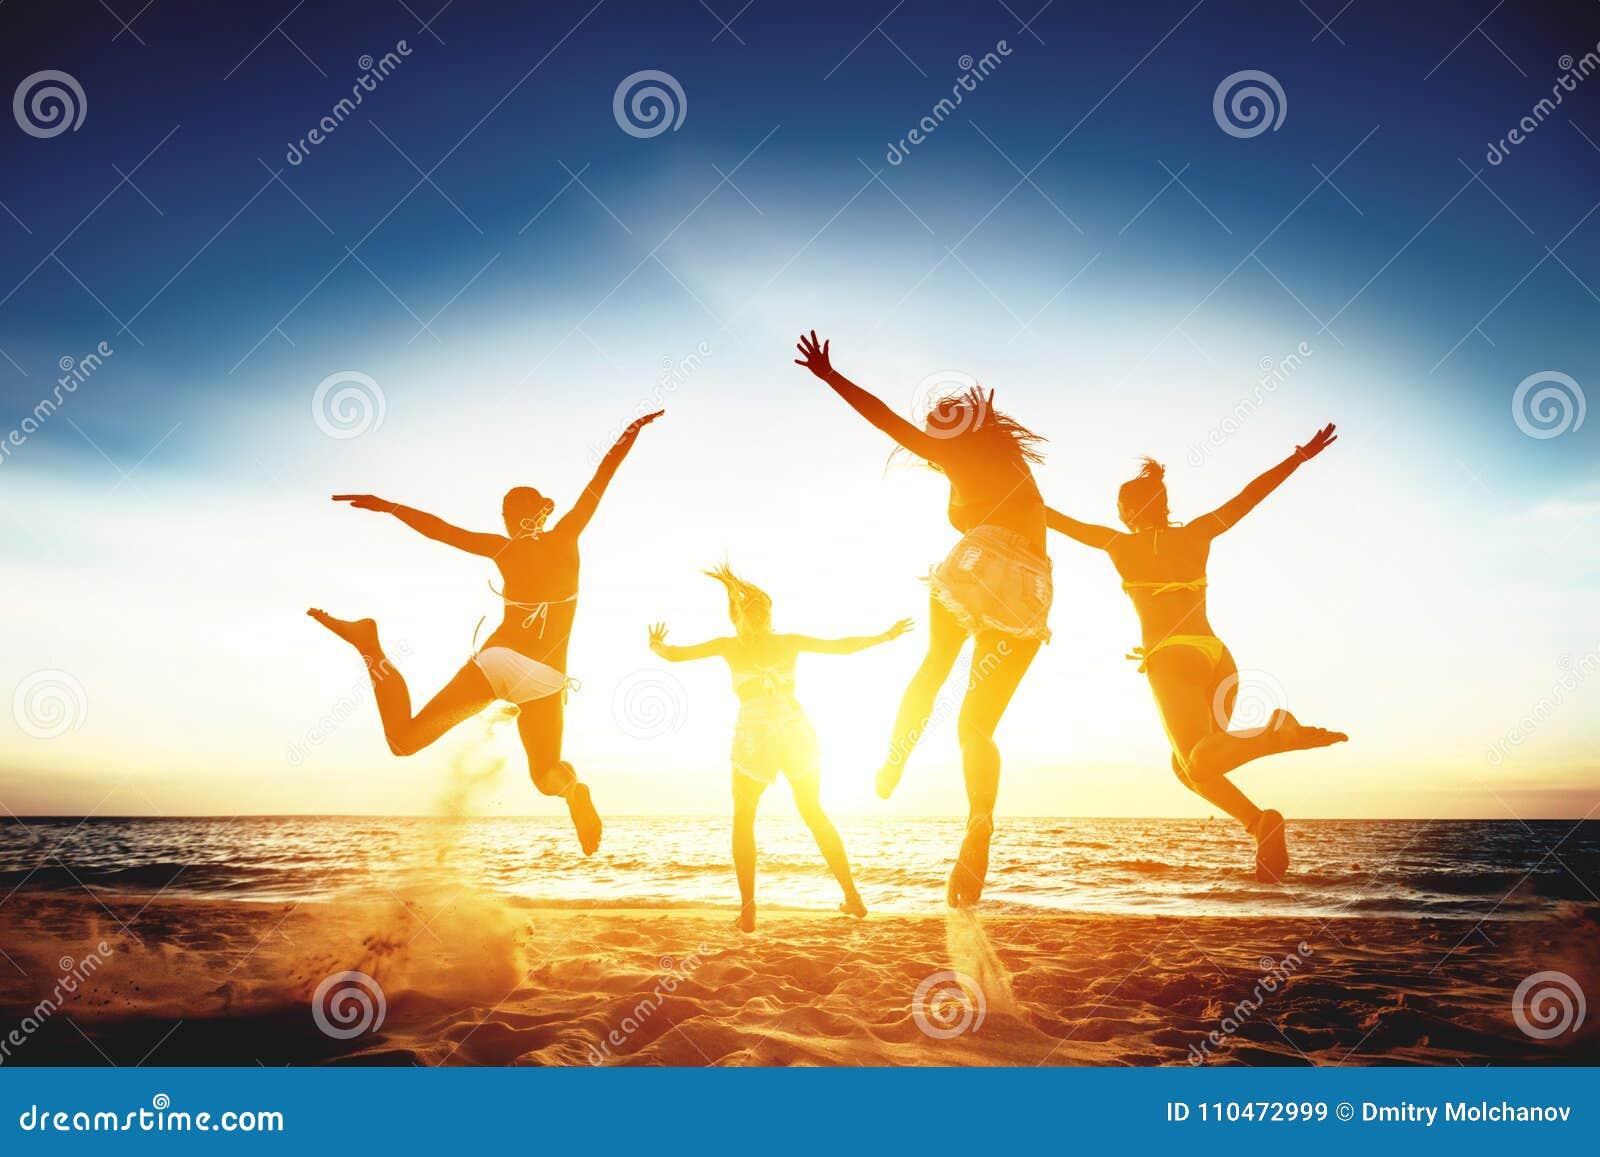 Vier glückliche Mädchen laufen und springen gegen Sonnenuntergangmeer